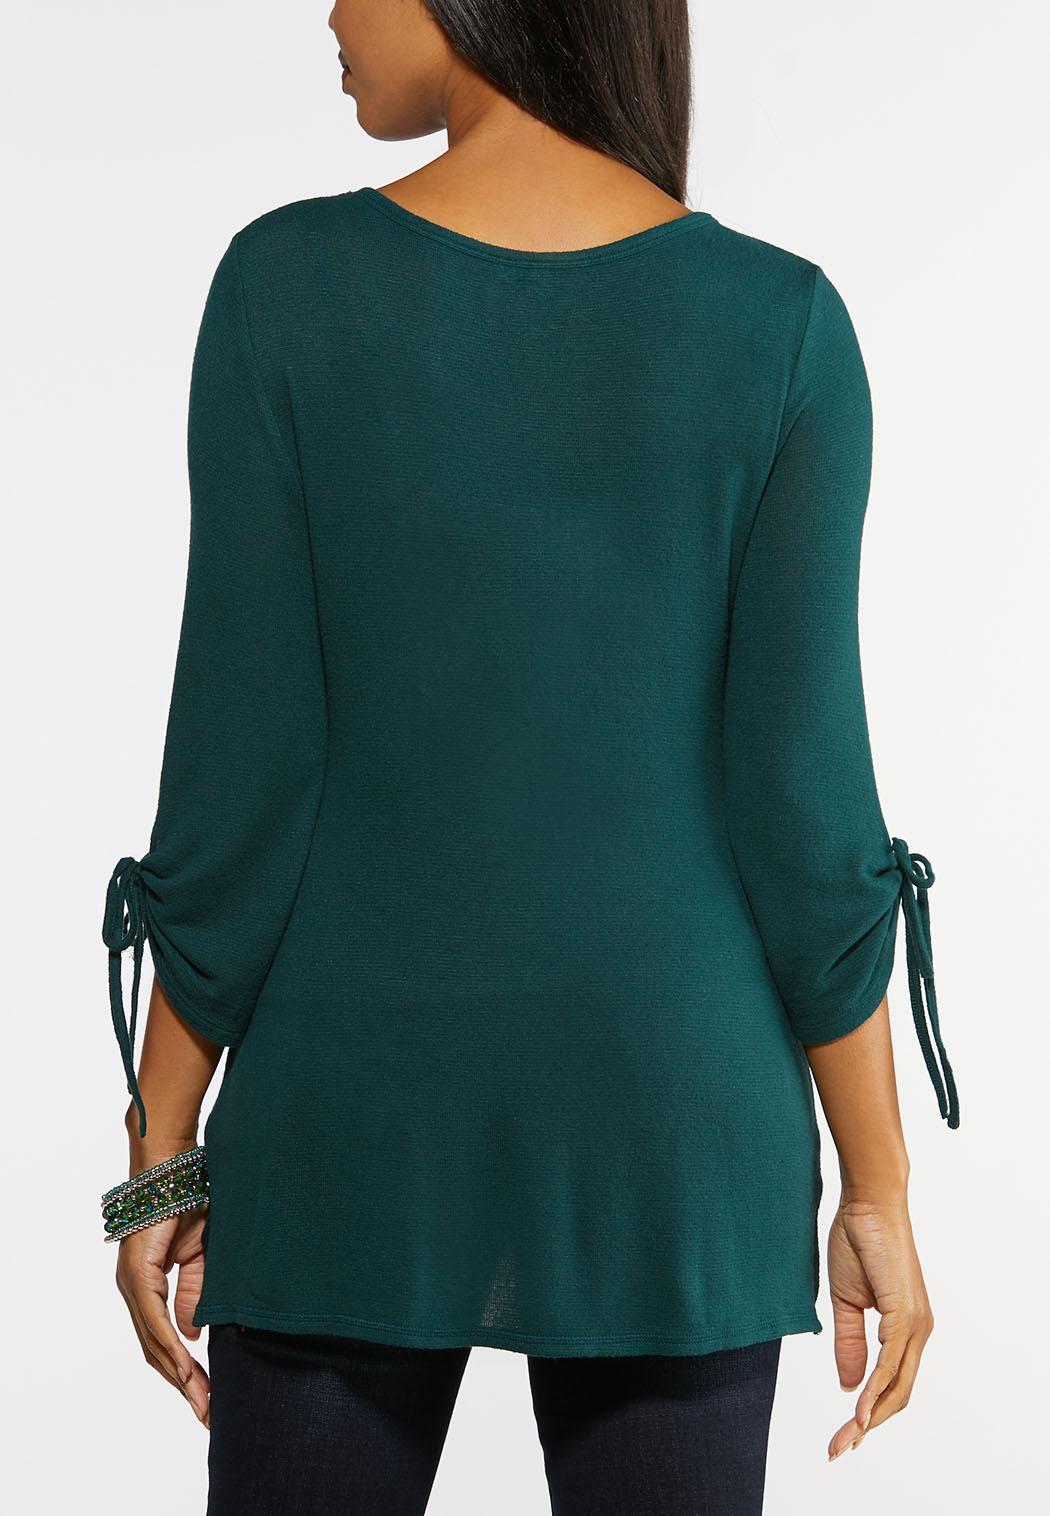 Plus Size Grommet Knit Top (Item #44008072)